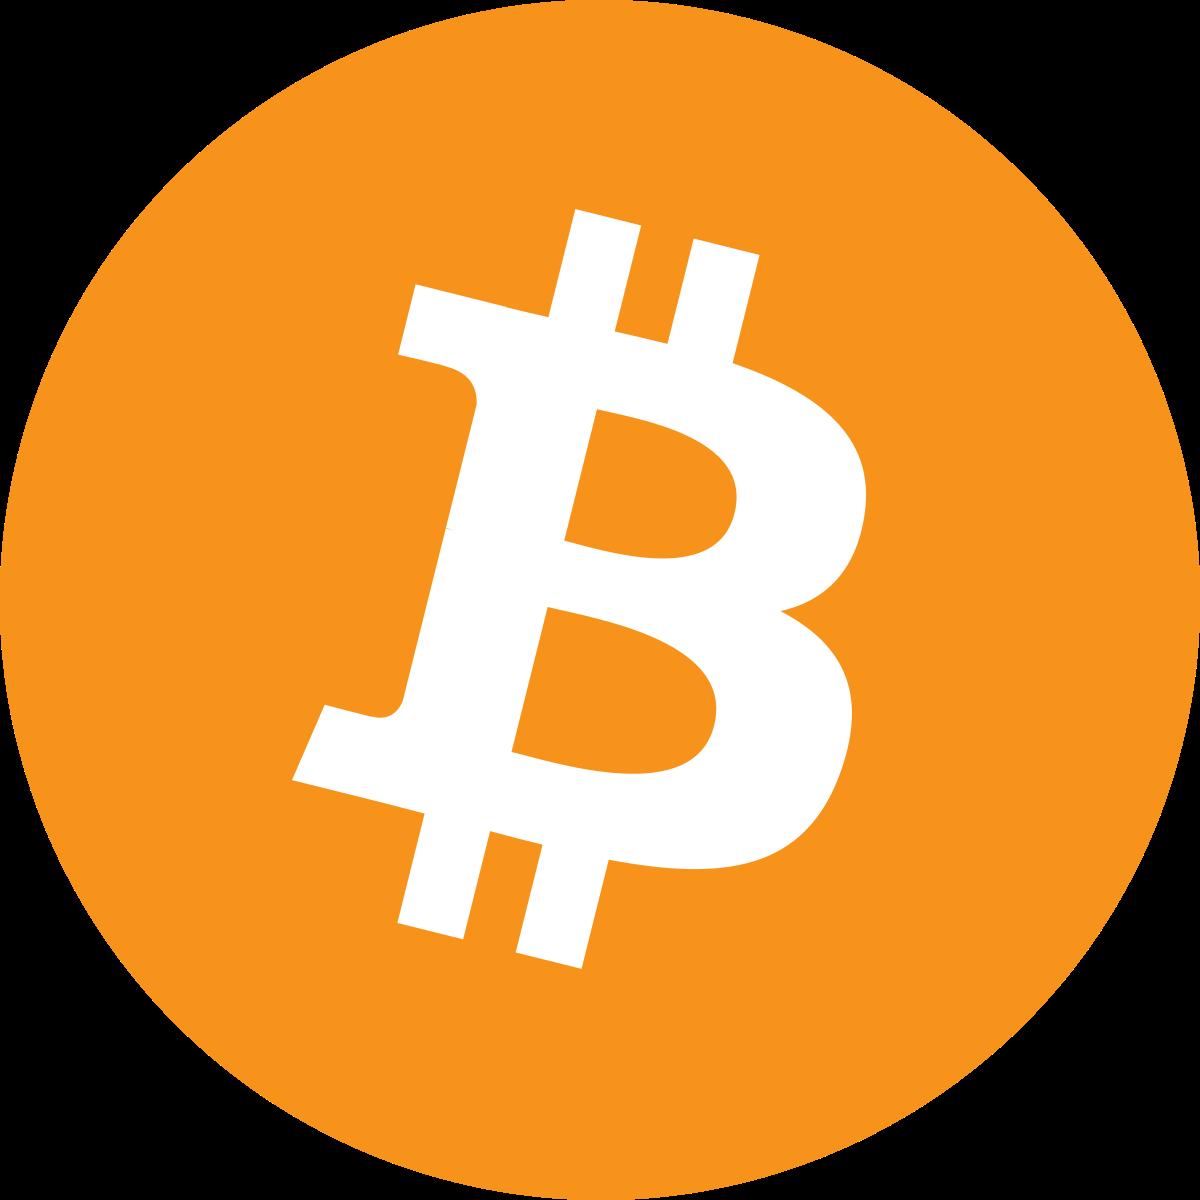 moeda-bitcoin-coin-3